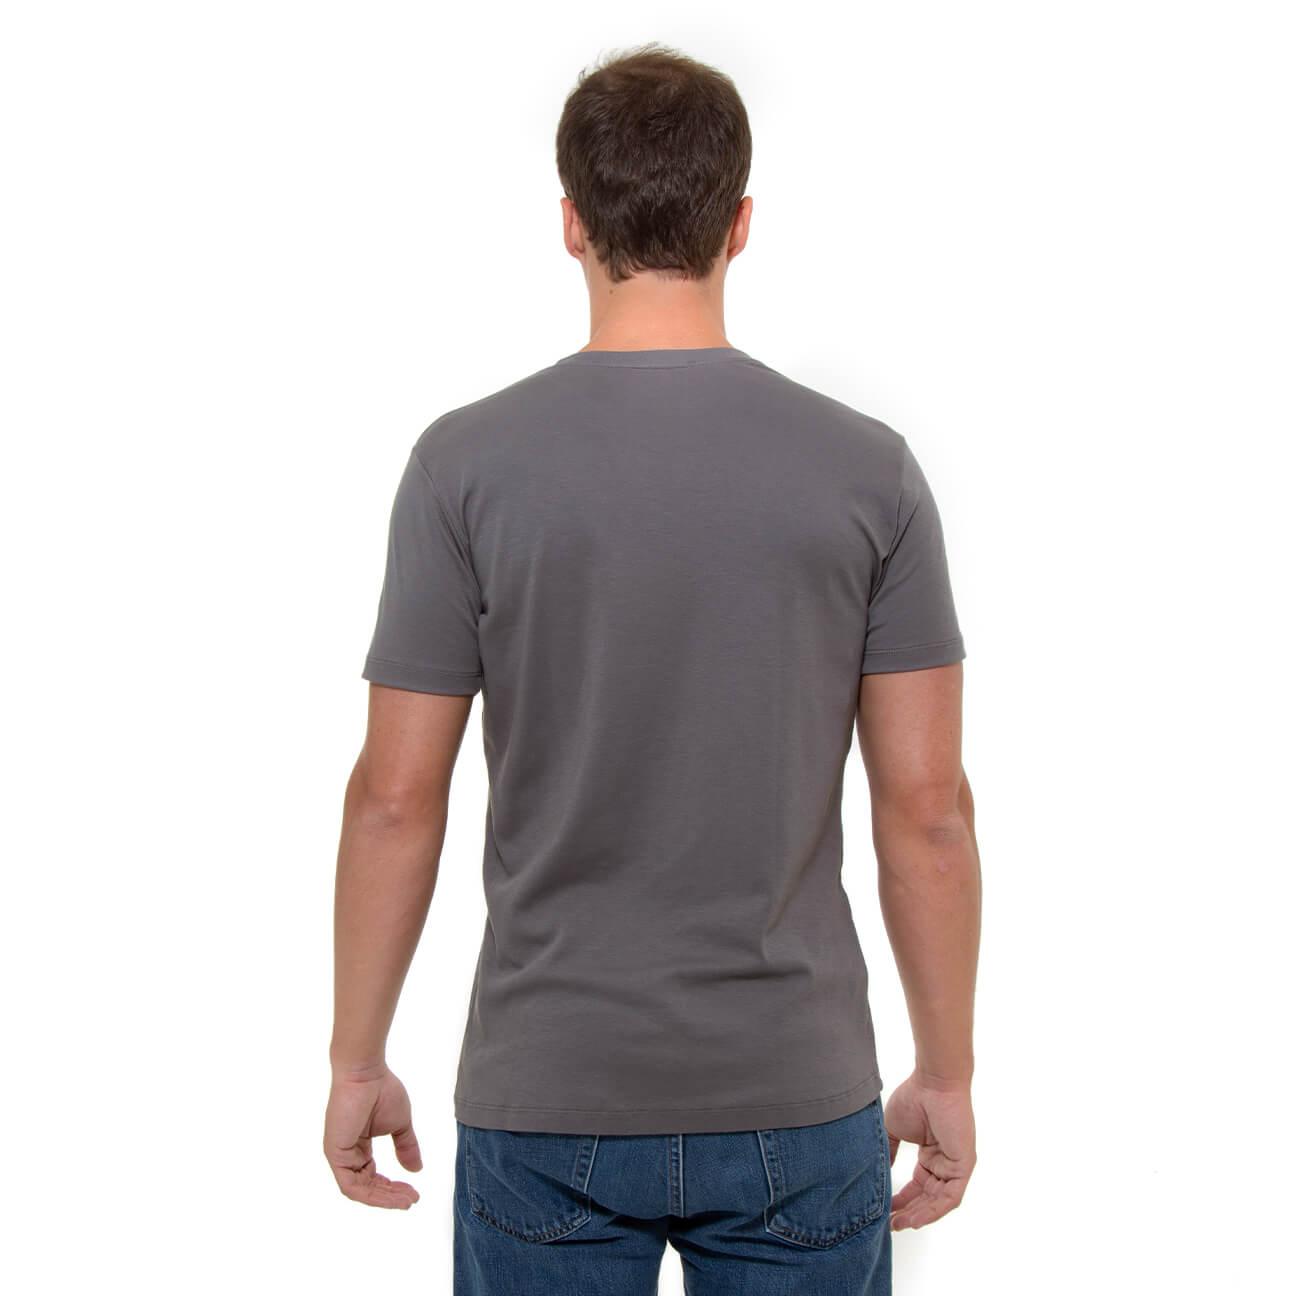 Franela gris esencial para hombre cuello en V Veticales espalda